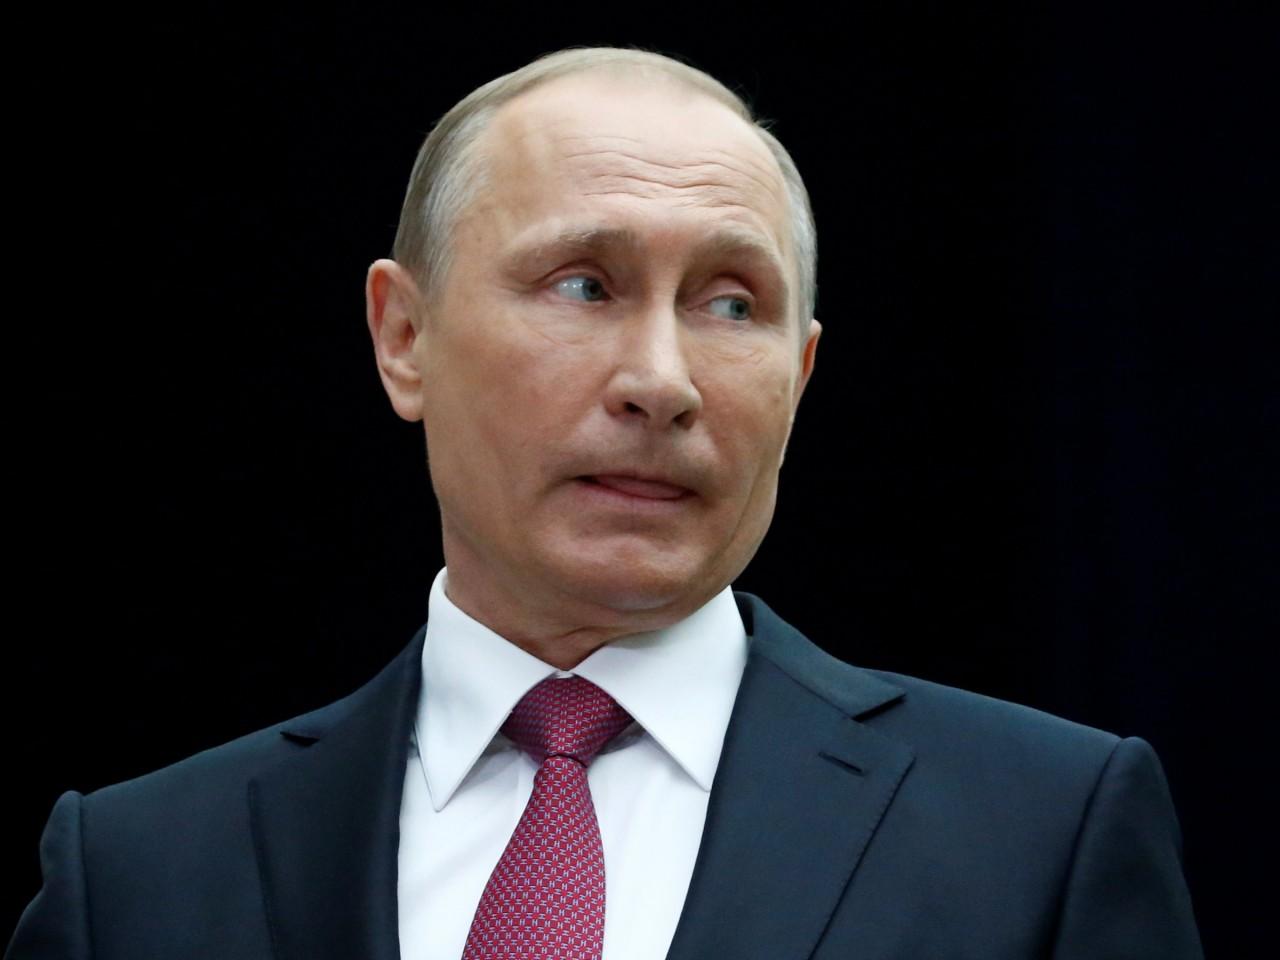 There were 2 developments this week that could have huge consequences for Russia's oil. Американские СМИ: Два важных события прошедшей недели, которые повлияют на российскую нефтяную отрасль